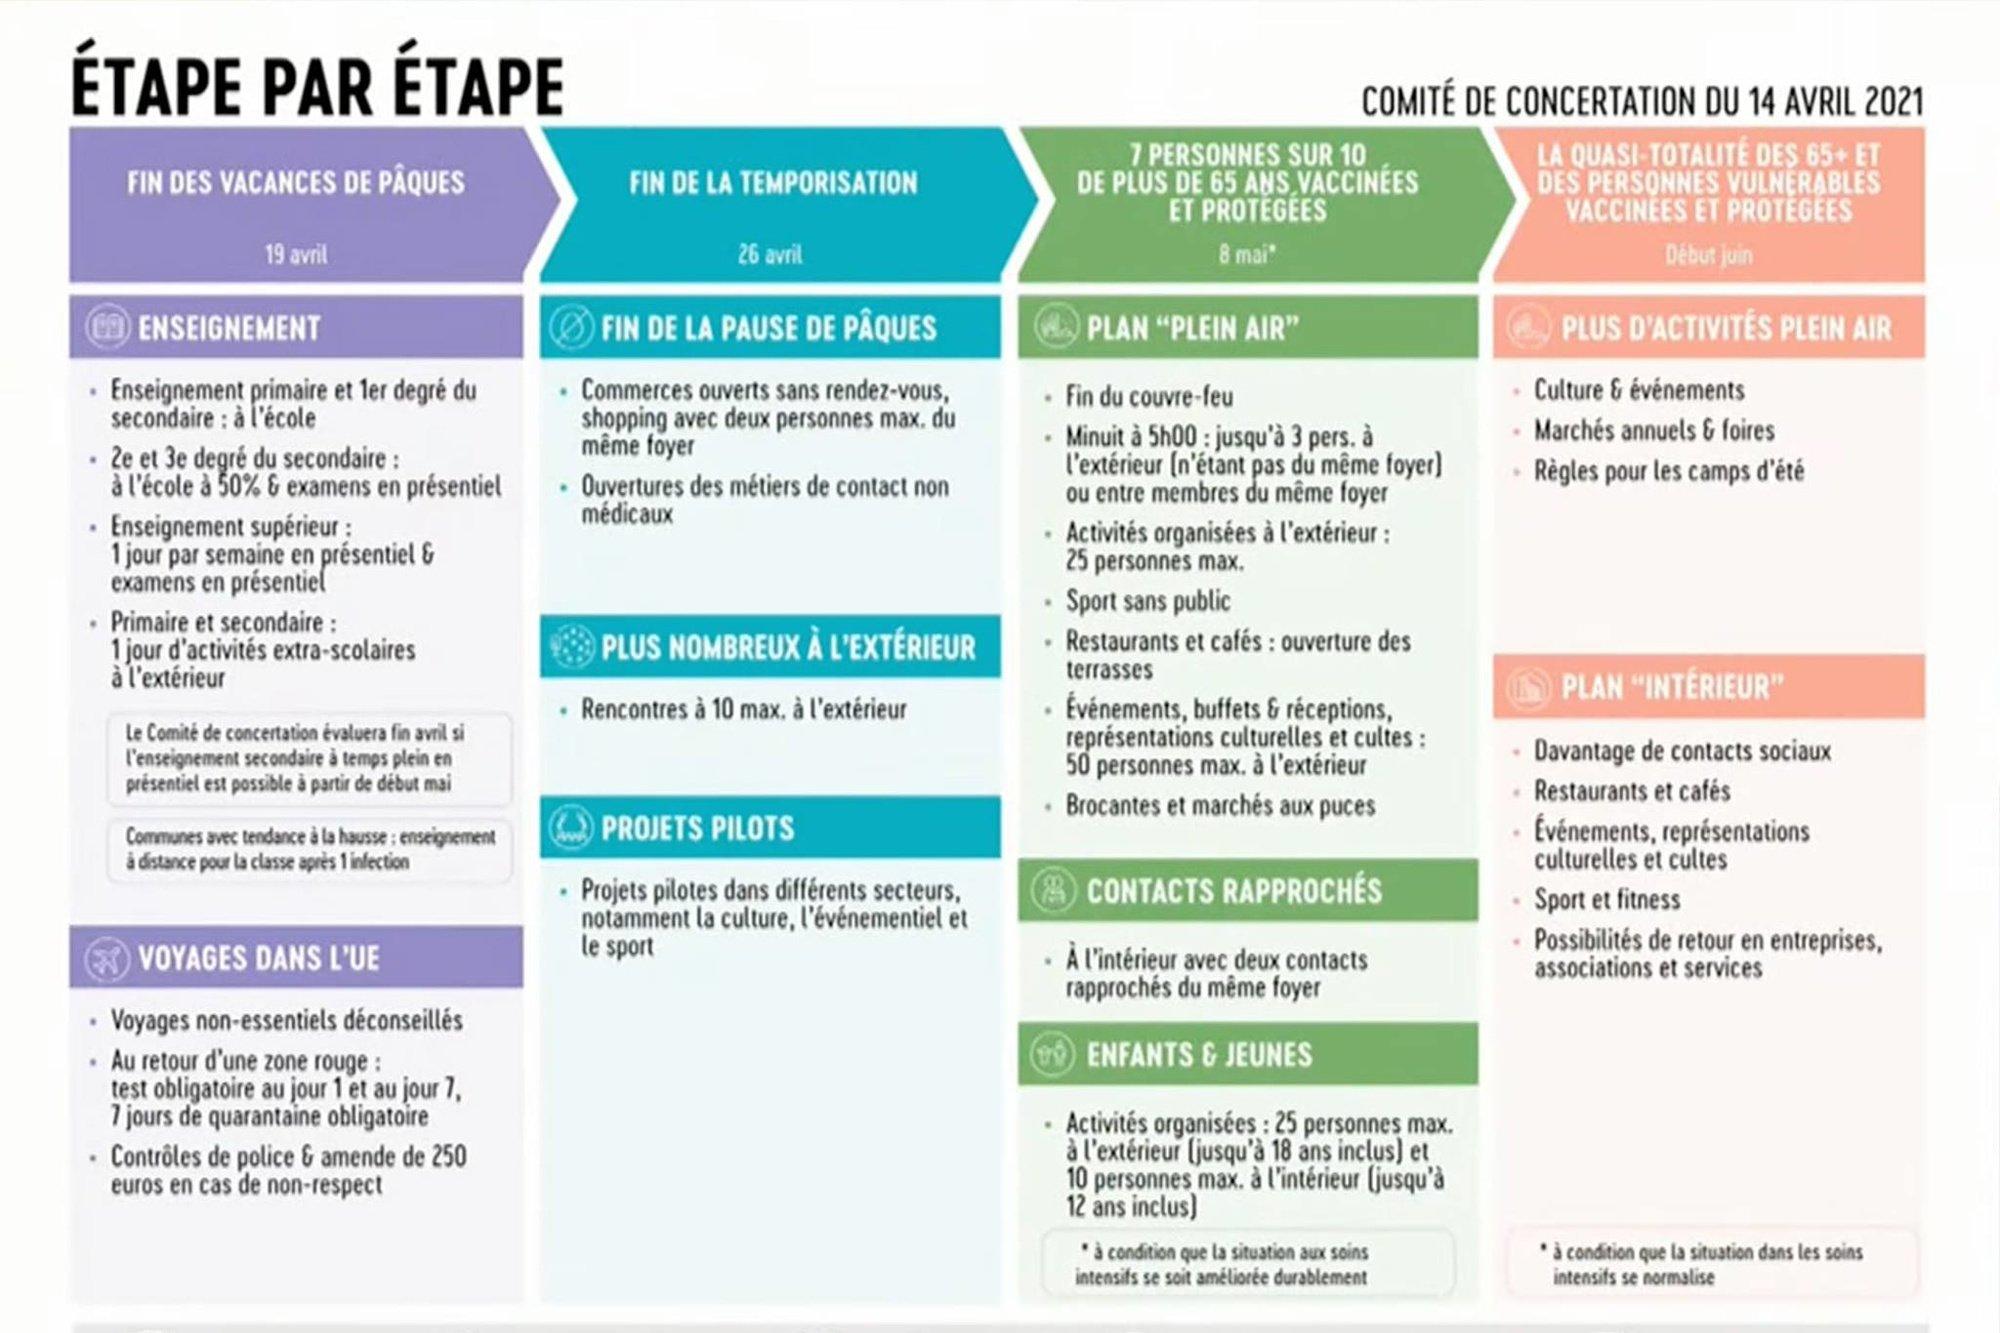 Résumé des annonces du Comité de Concertation de ce mercredi 14 avril., Codeco